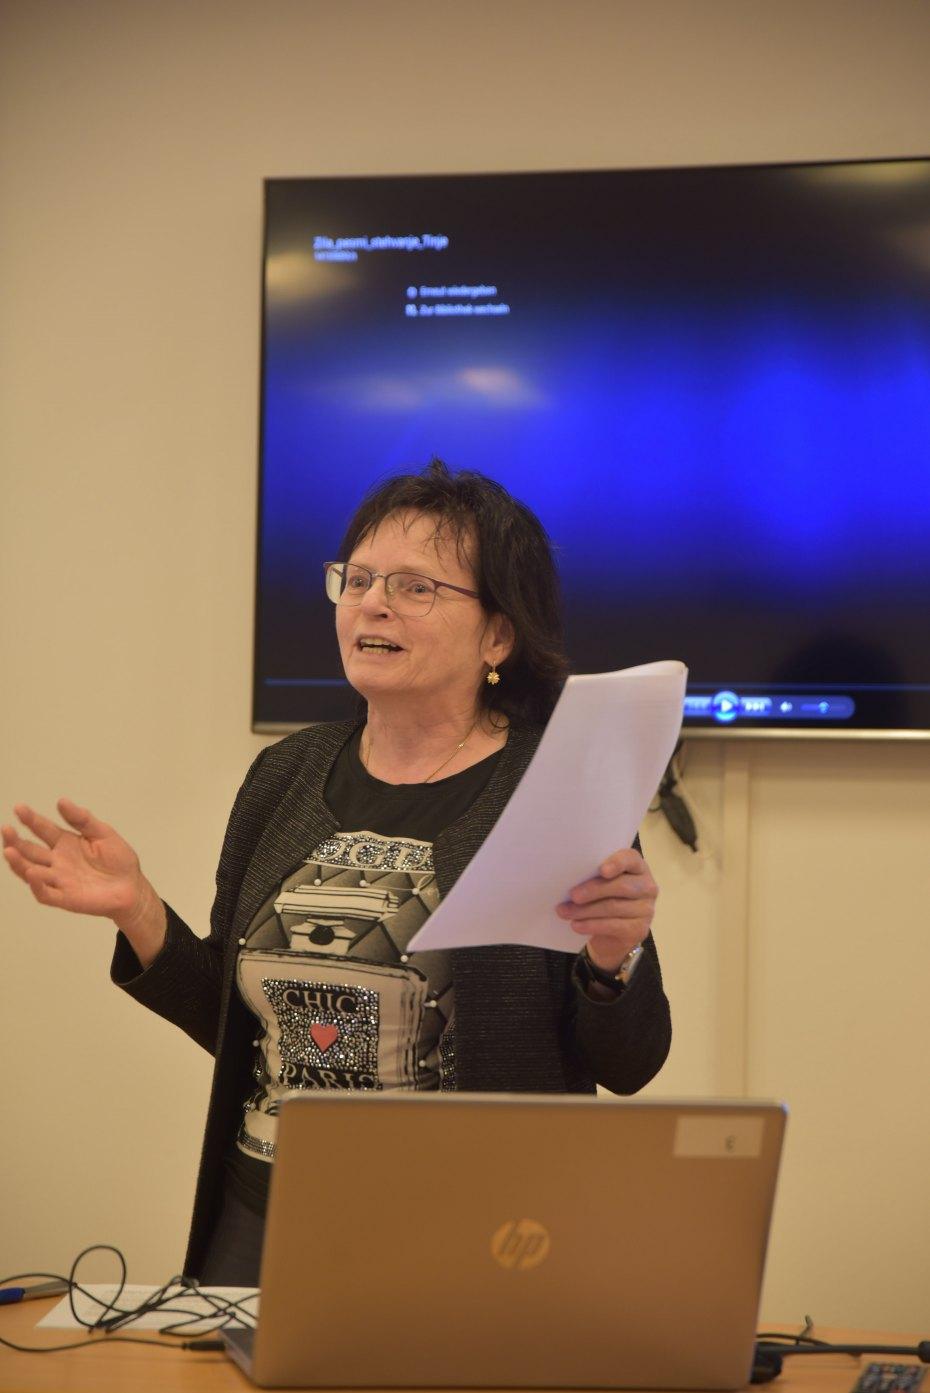 Image: Referentka Herta Maurer-Lauseggger